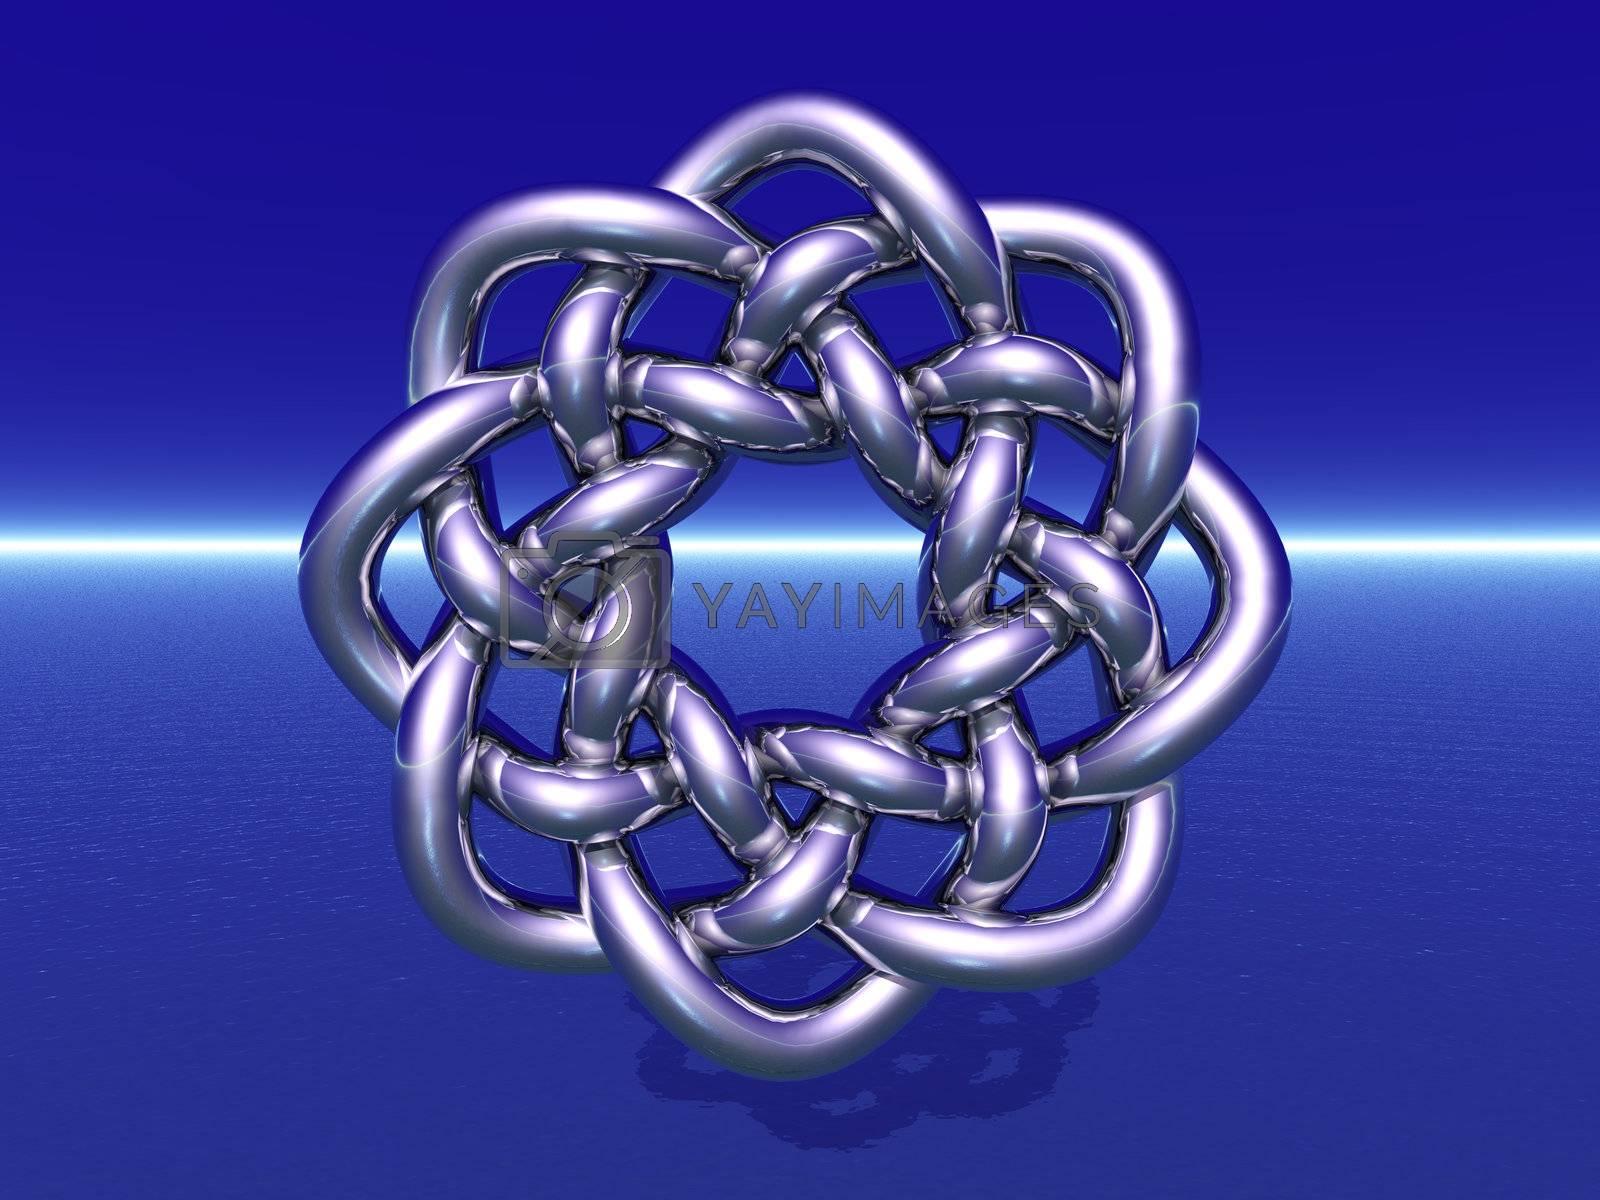 celtic knots design on blue background